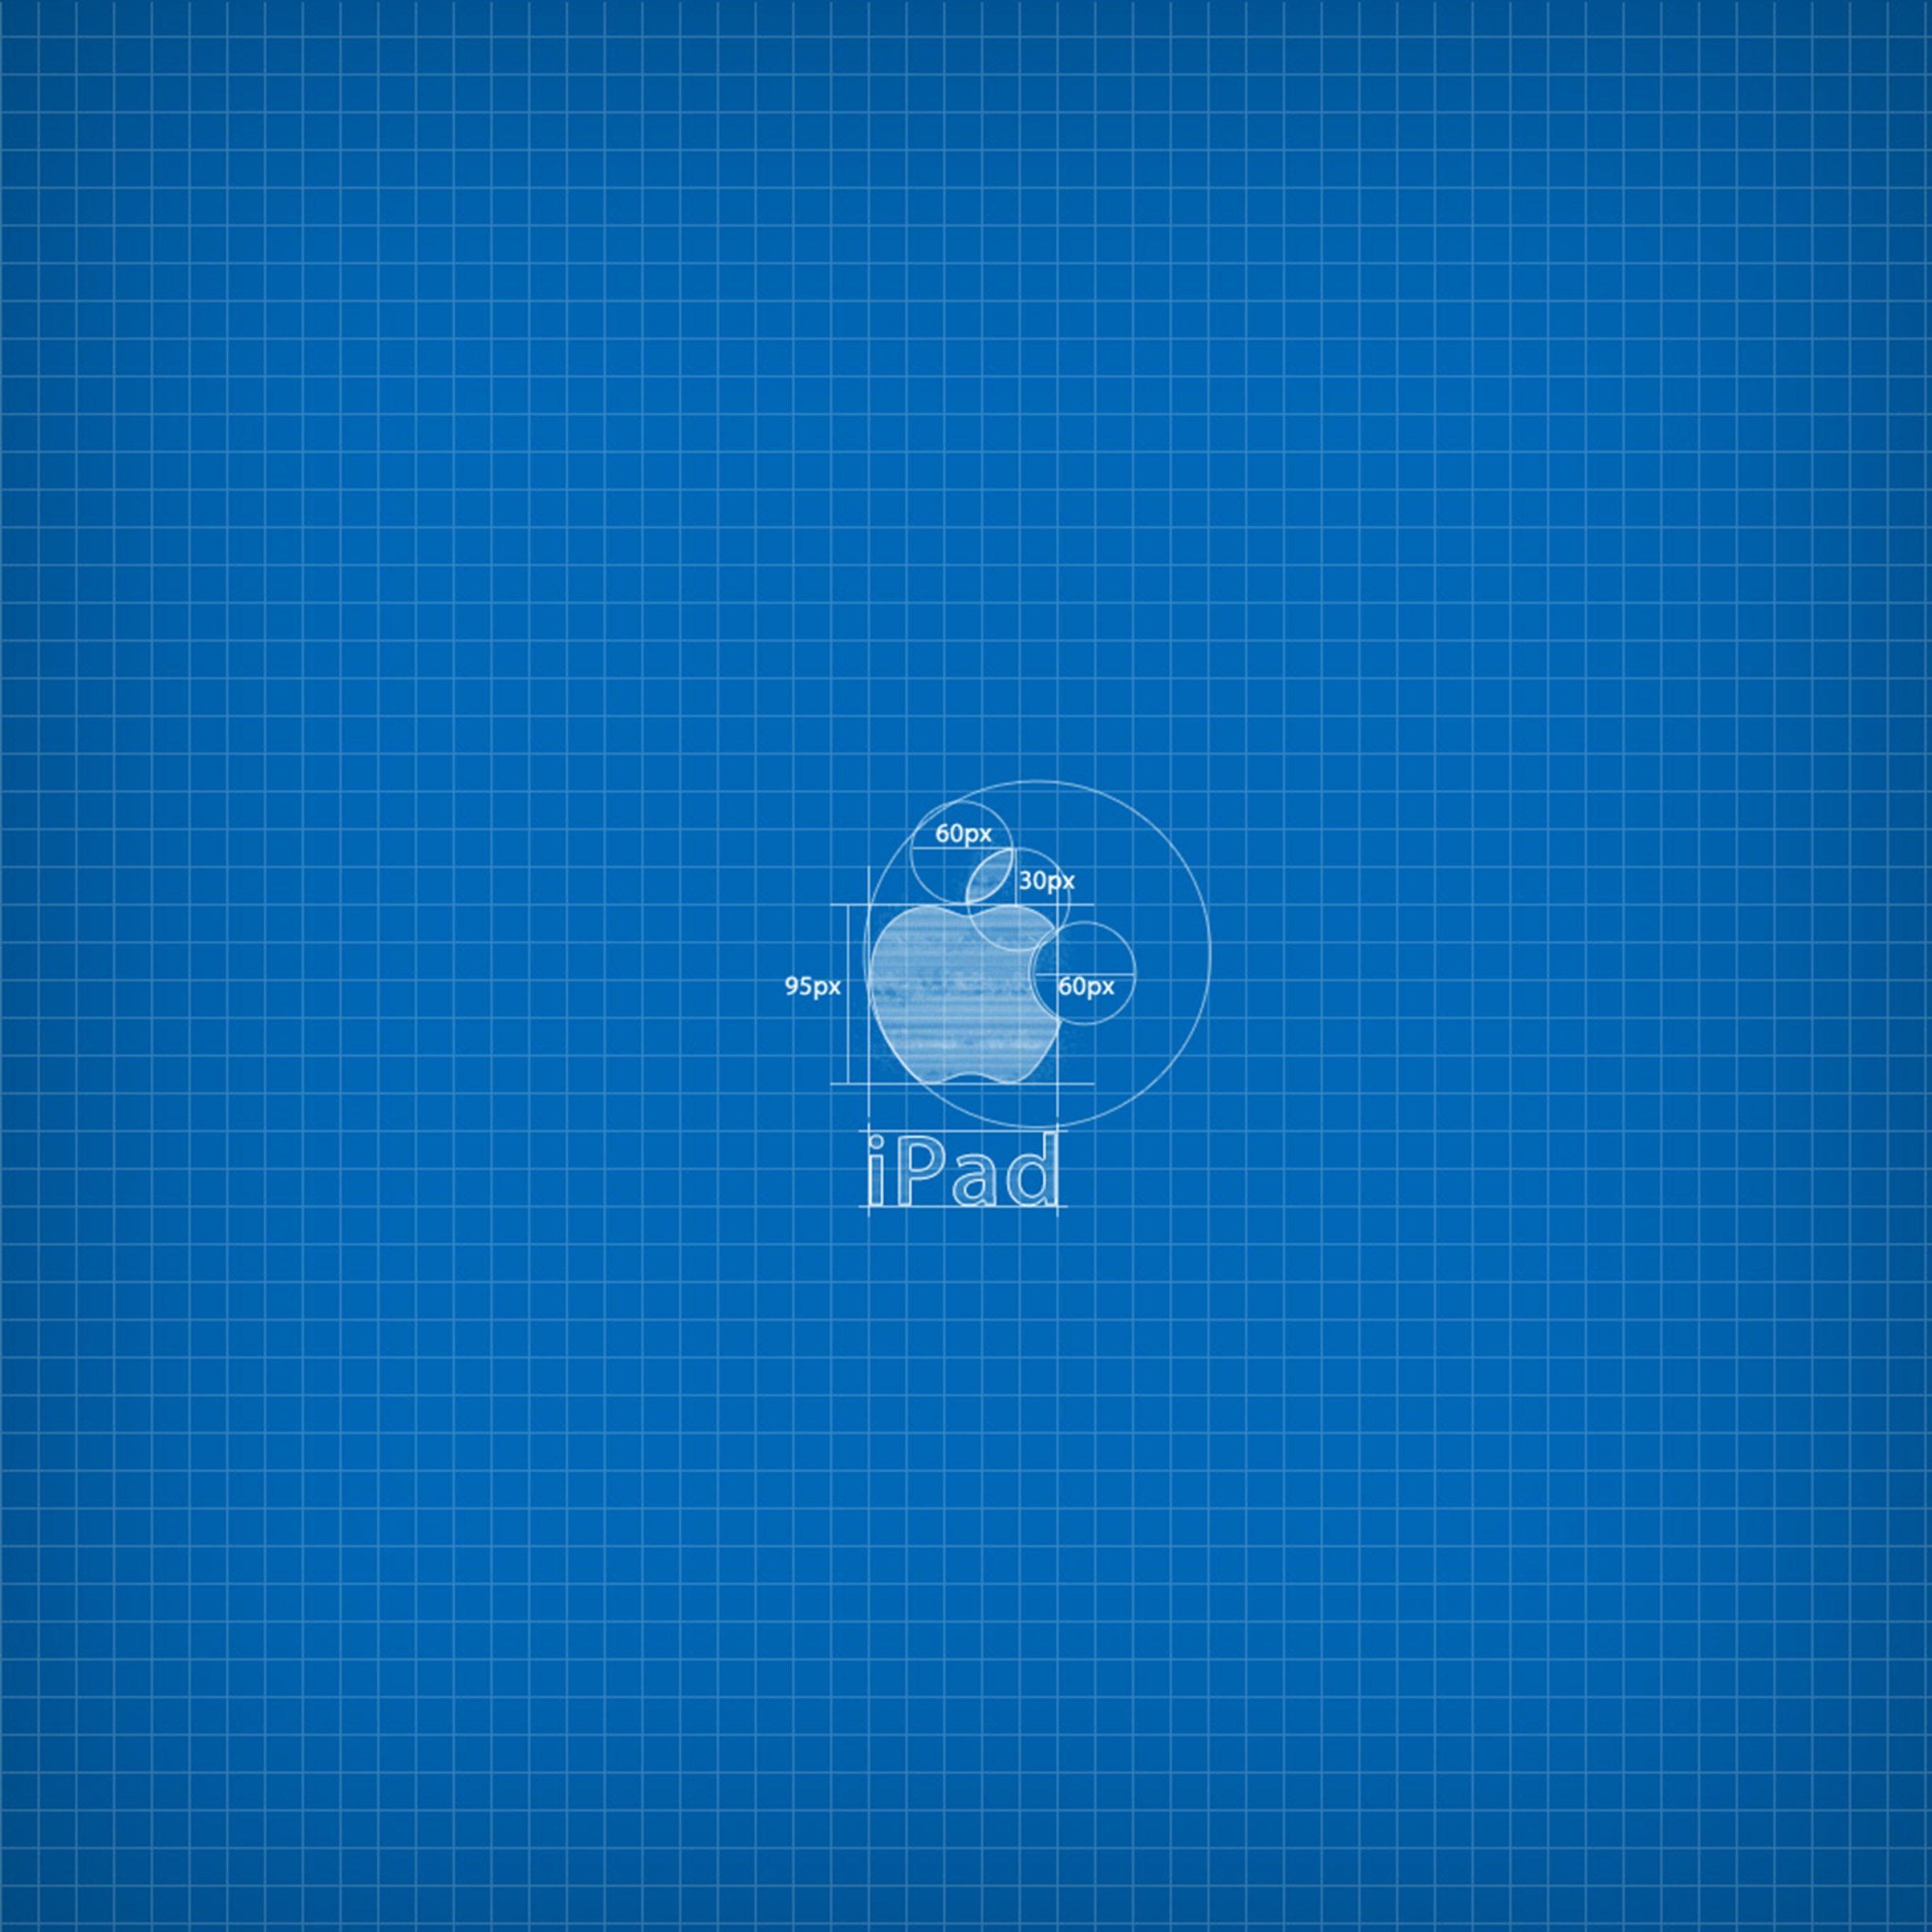 2732x2732 wallpapers 4k iPad Pro Apple Blueprint Ipad Wallpaper 2732x2732 pixels resolution